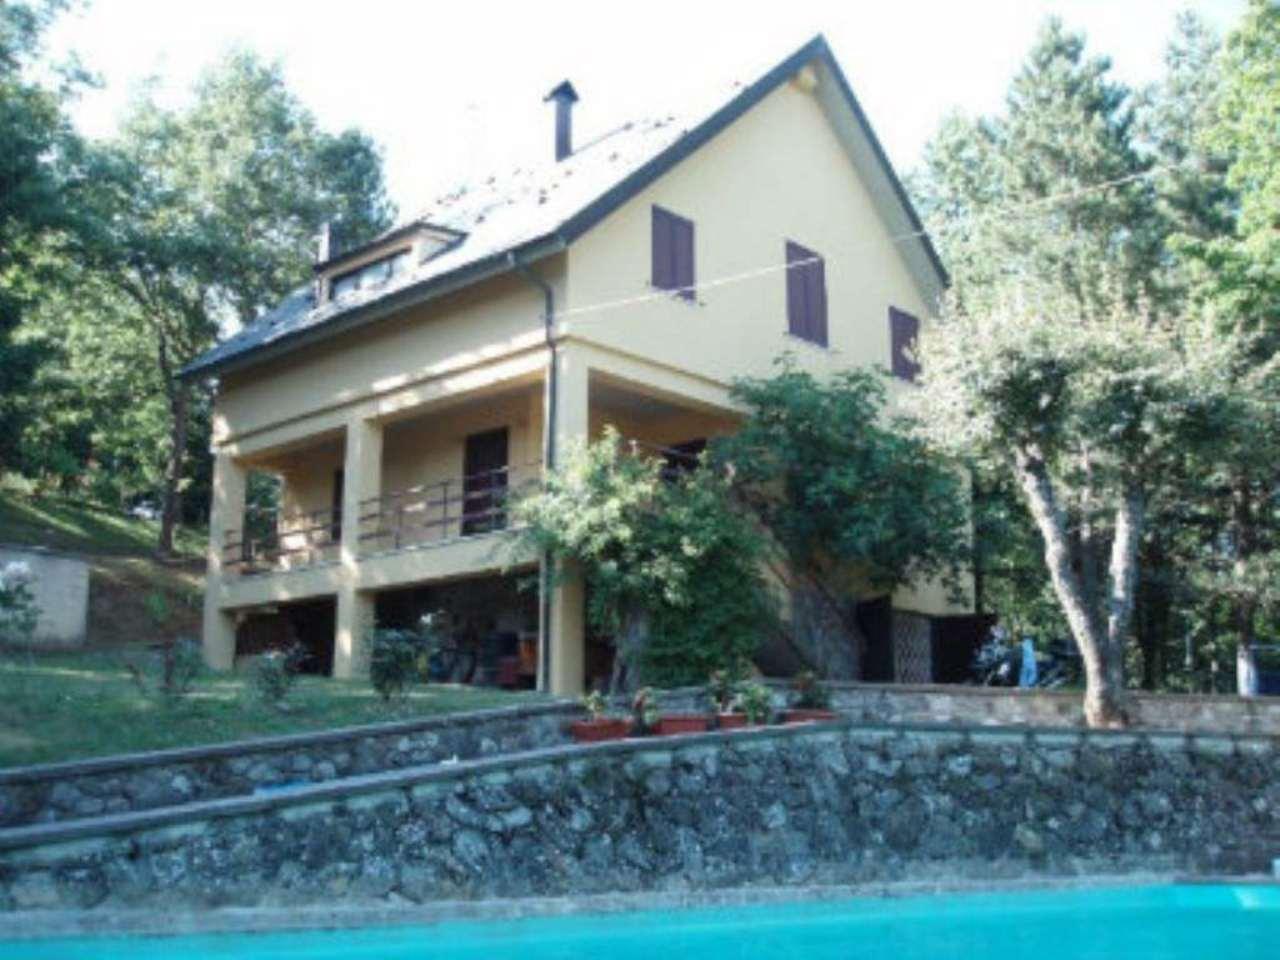 Villa in vendita a Pieve Santo Stefano, 7 locali, prezzo € 190.000   Cambio Casa.it